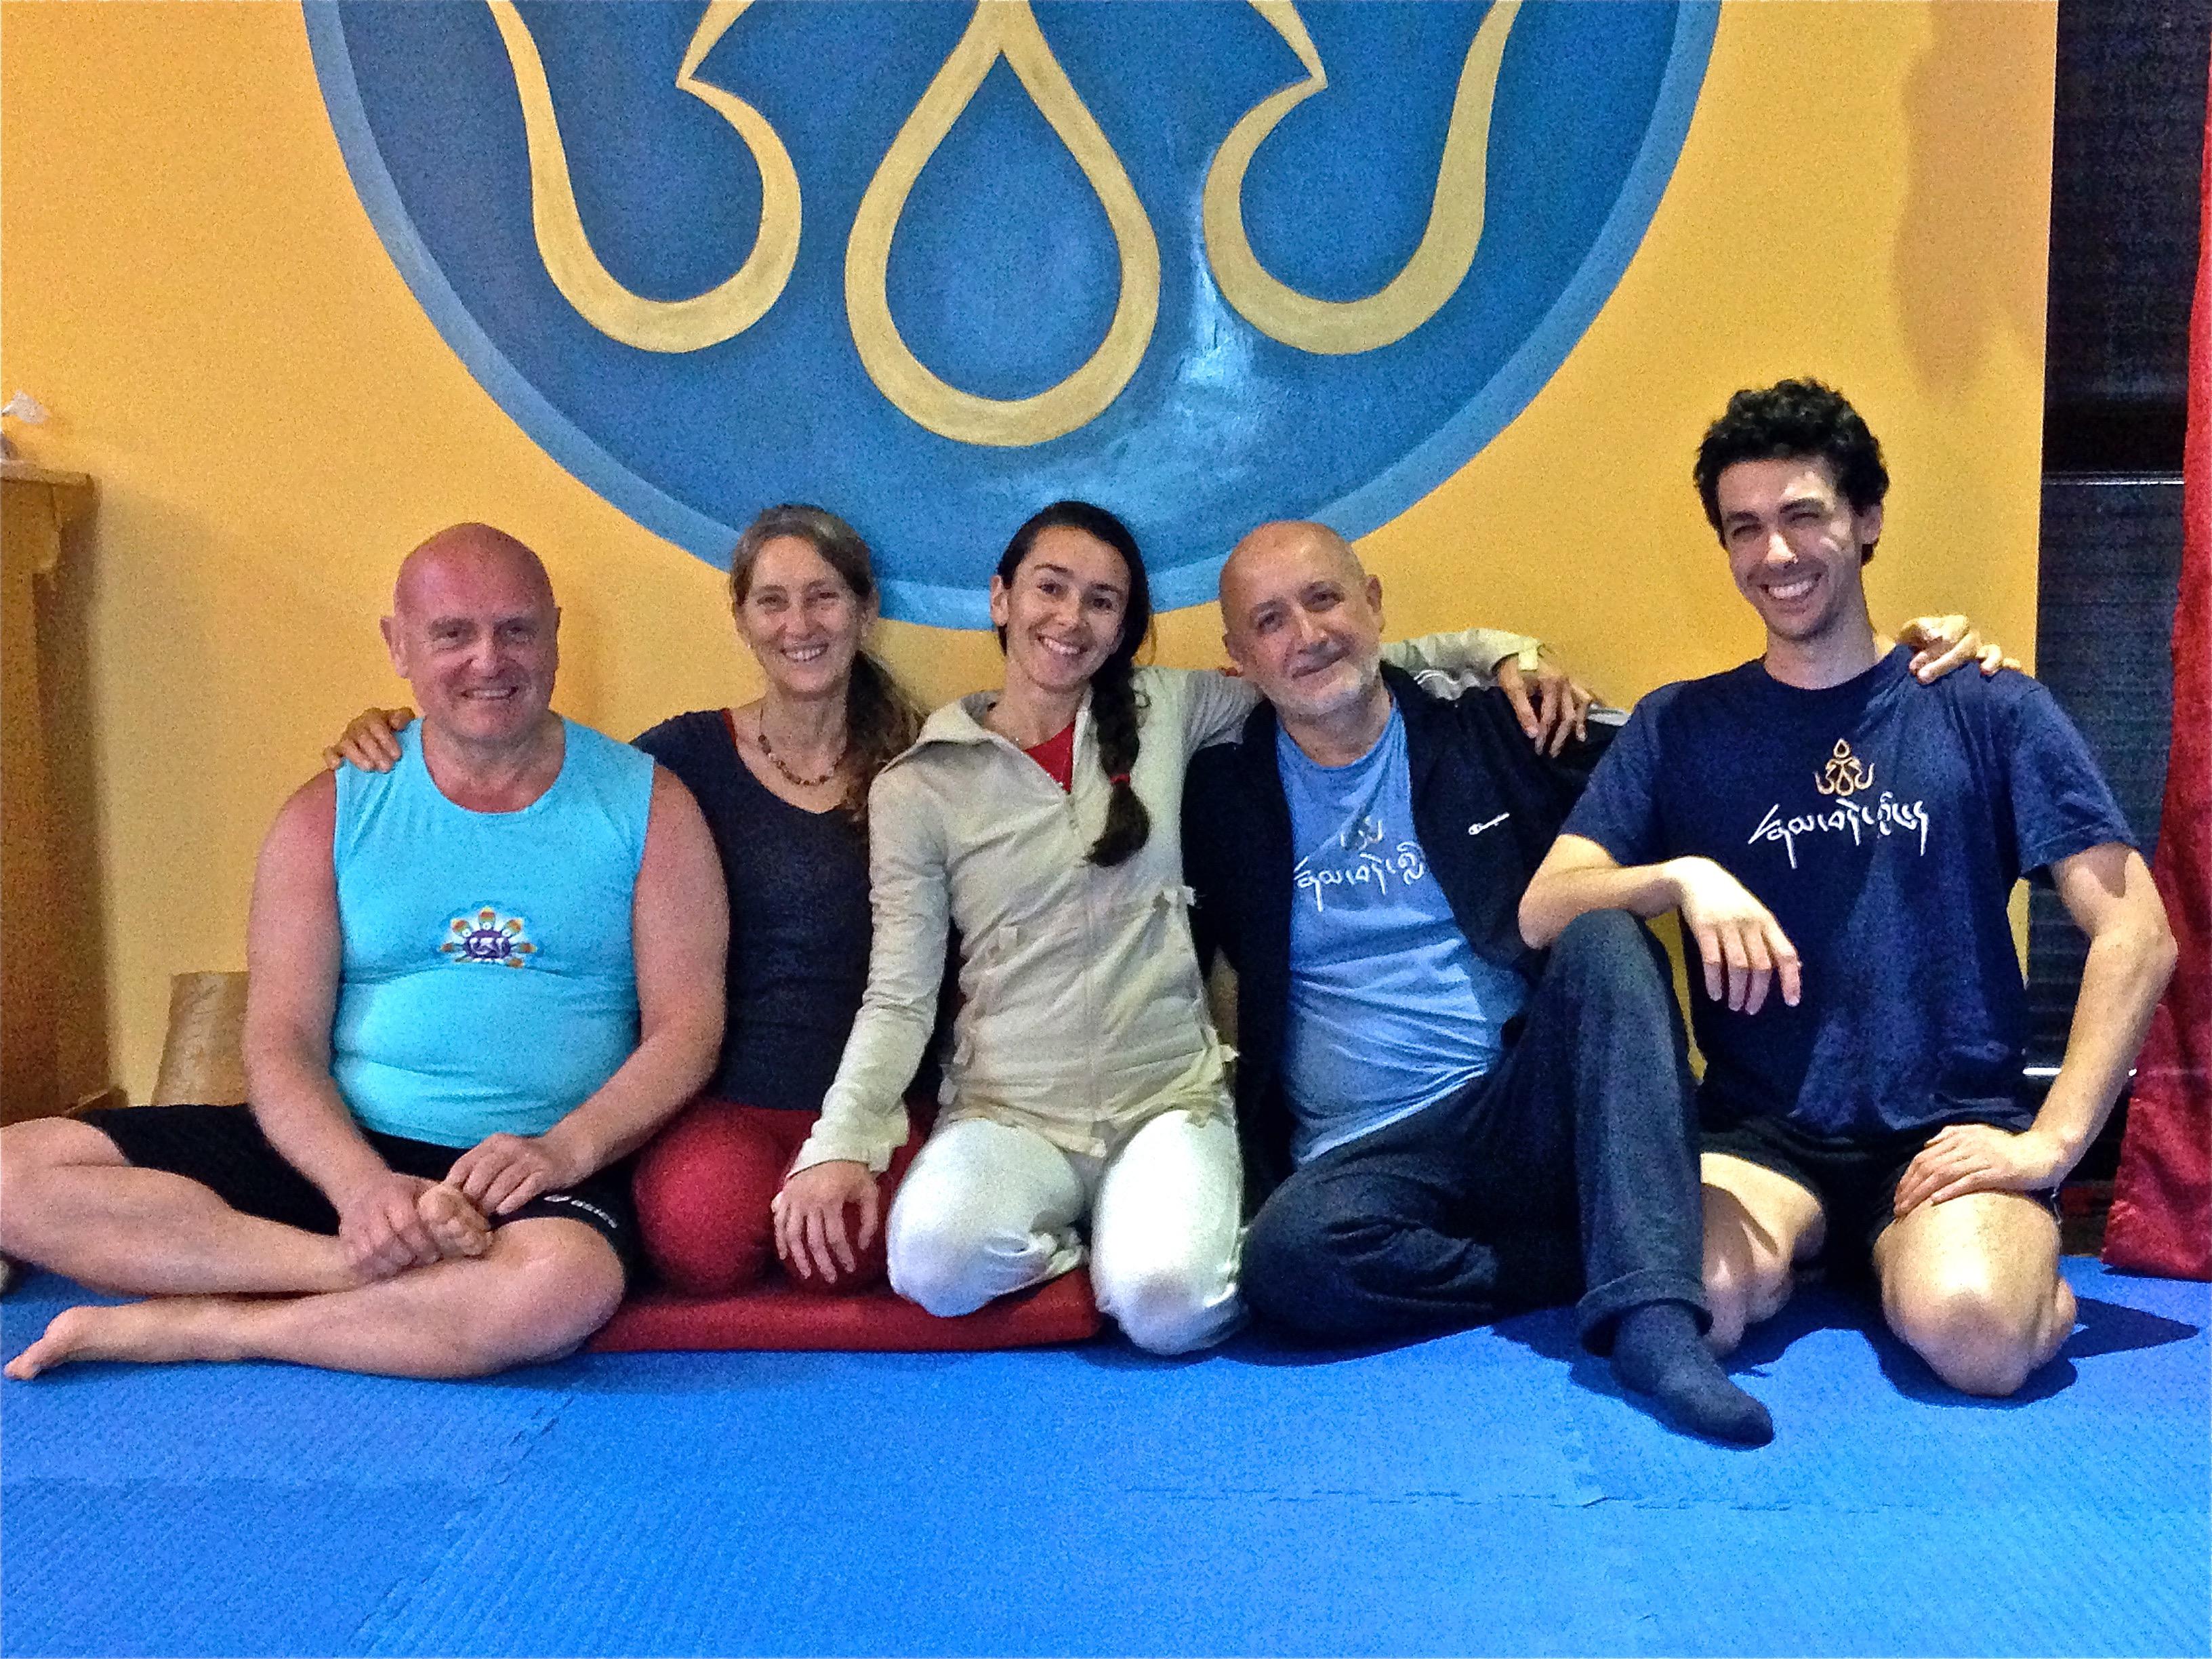 2013 yantra yoga